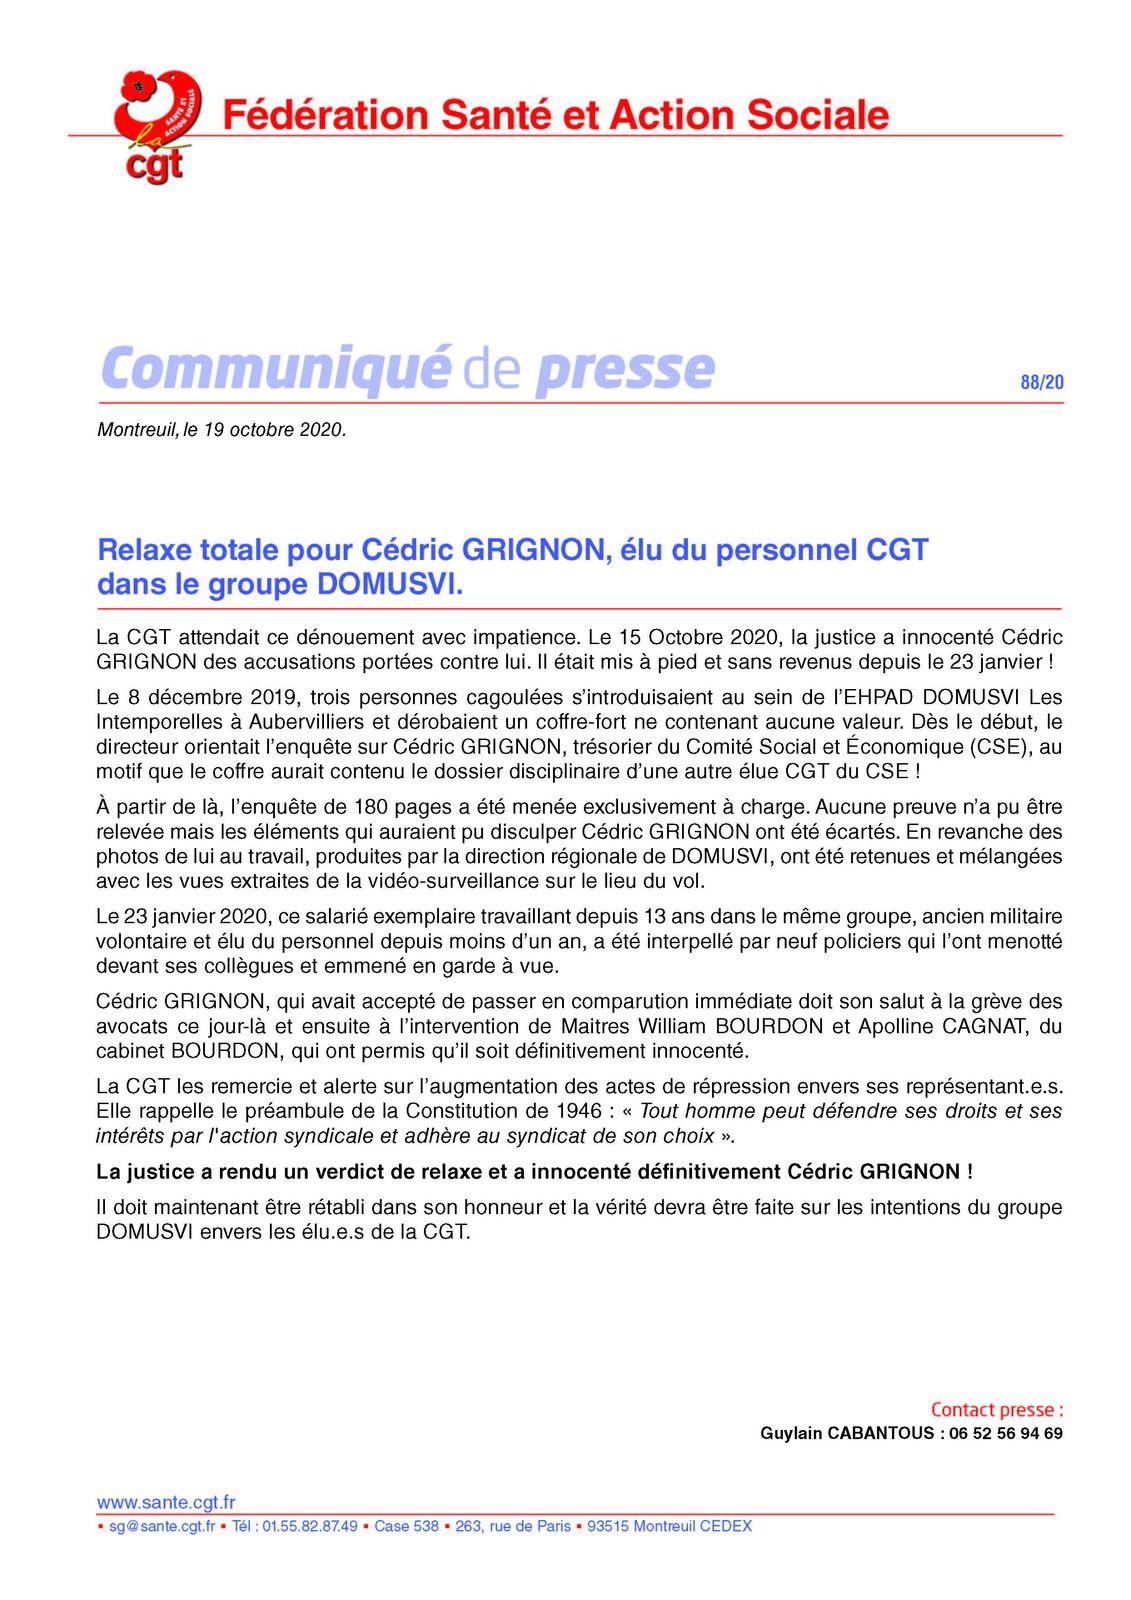 Domus Vi KO! Relaxe totale pour Cédric GRIGNON, élu du personnel CGT dans le groupe DOMUSVI.